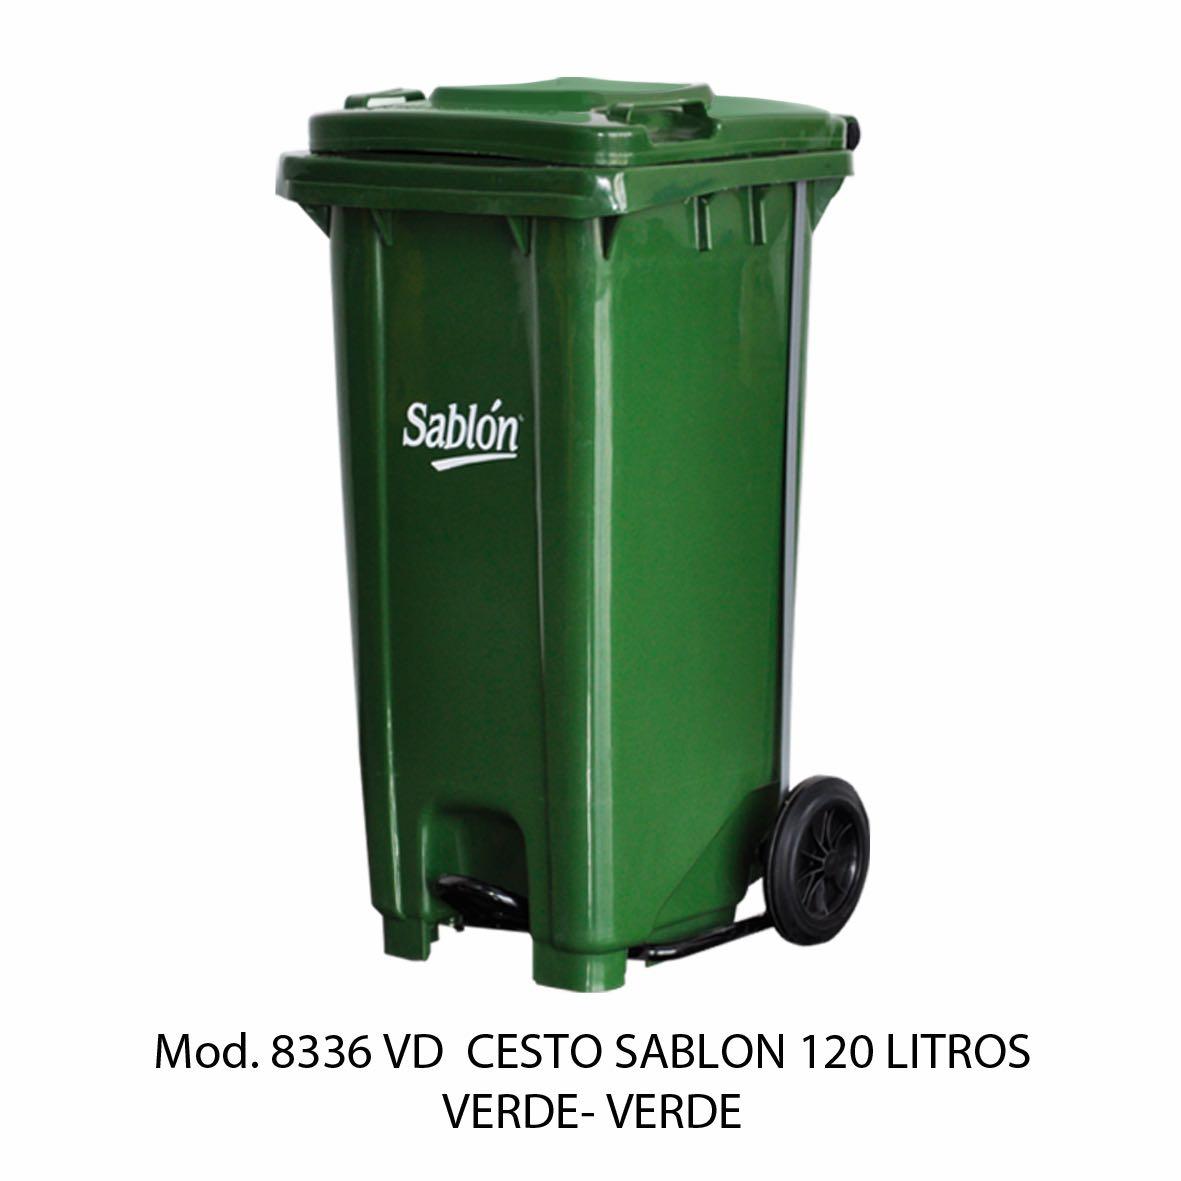 Contenedor para basura de 120 litros cuerpo verde y tapa verde - Modelo 8336 VD - Sablón